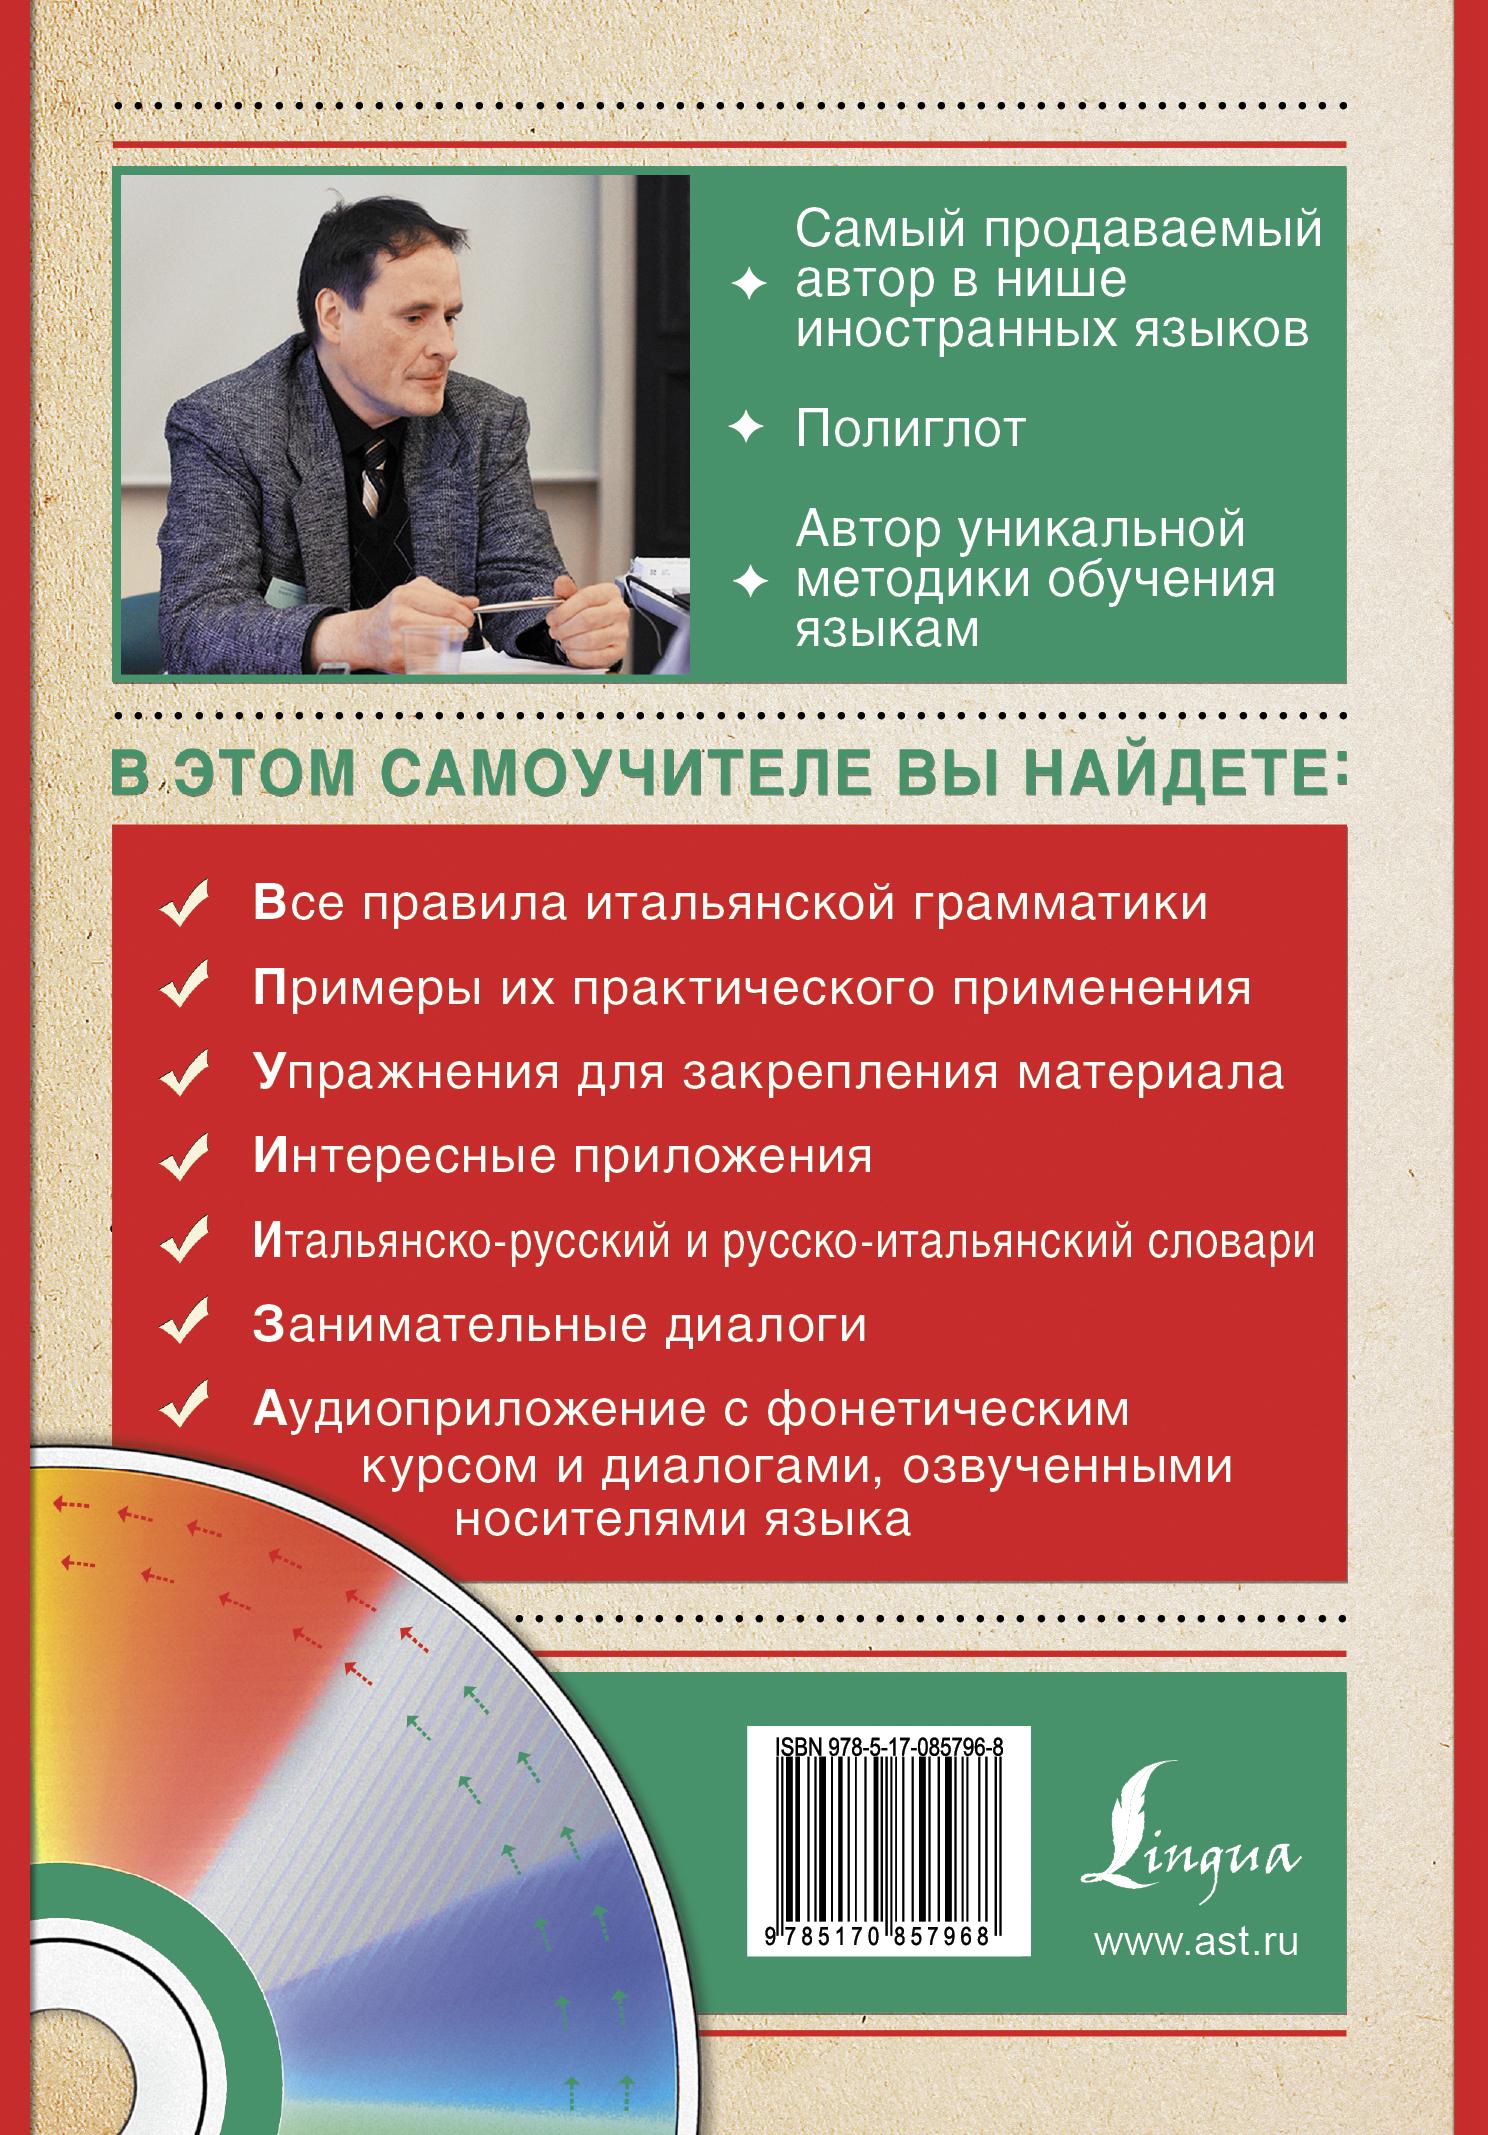 Самоучитель итальянского языка для начинающих (+ CD)